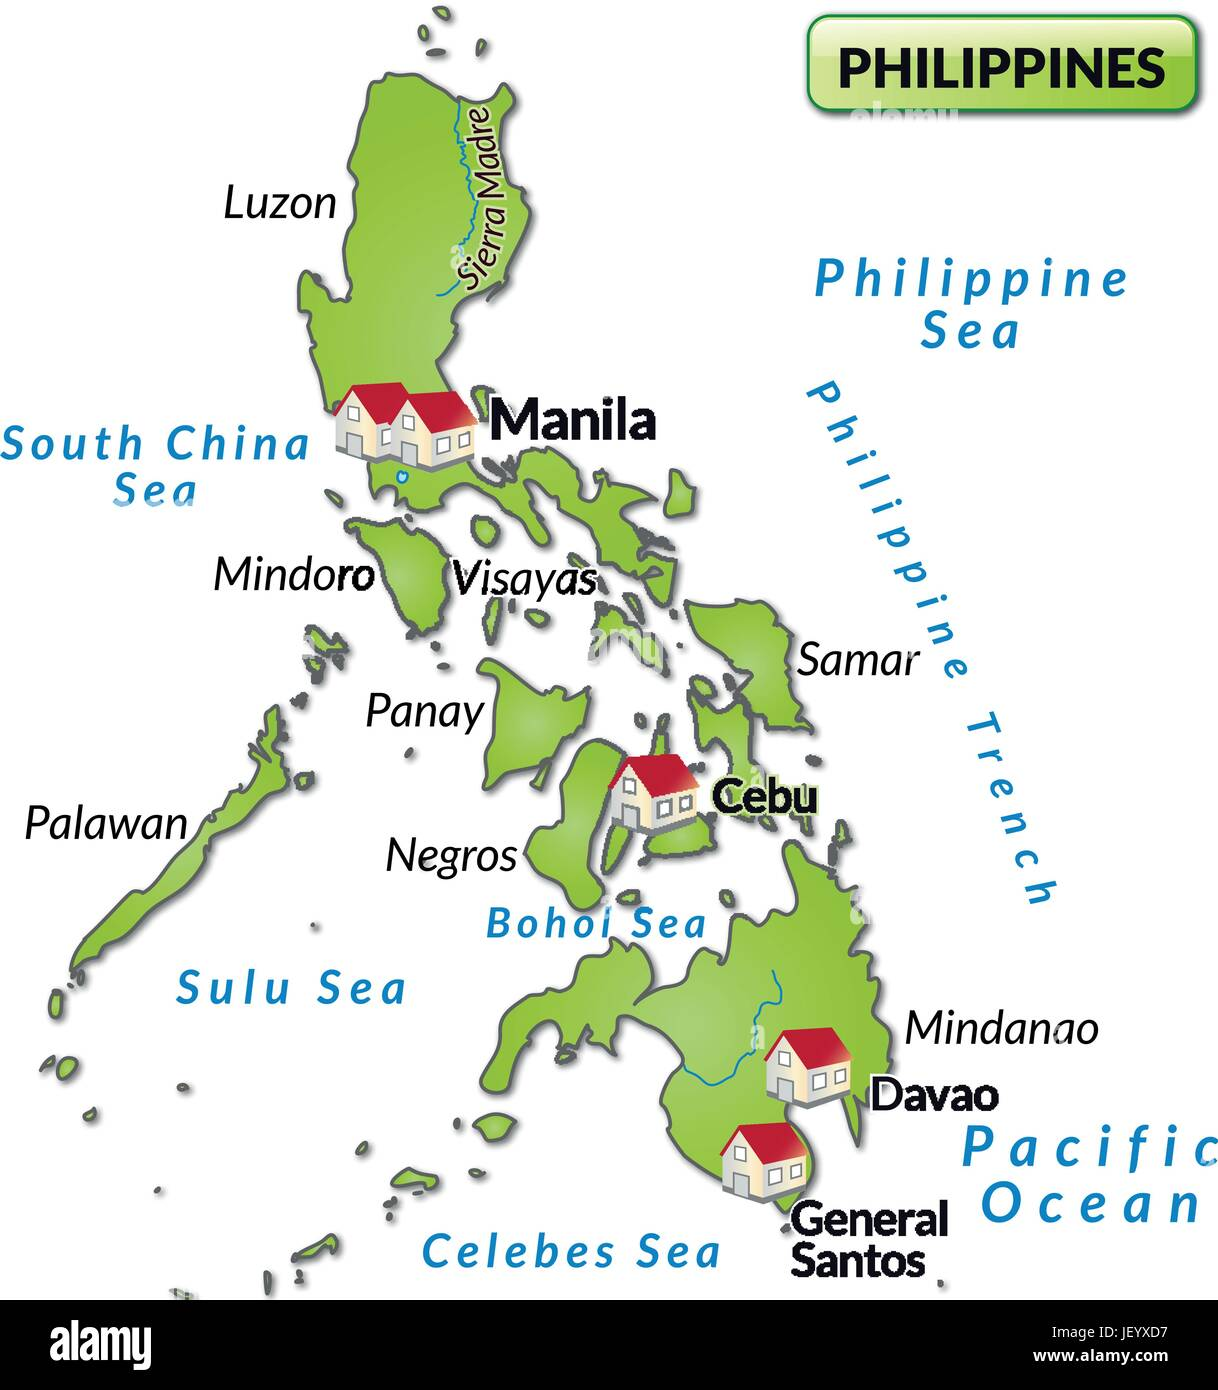 Cartina Geografica Isole Filippine.Mappa Dell Isola Delle Filippine Come Una Infografica In Verde Immagine E Vettoriale Alamy